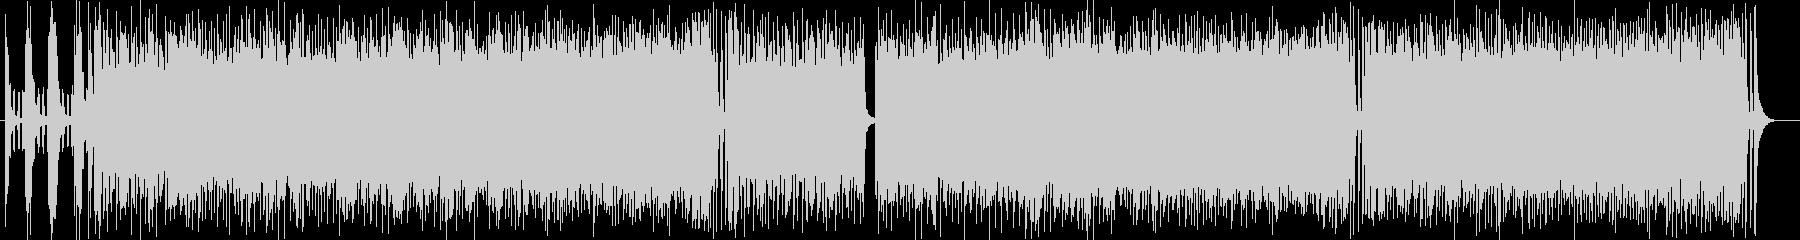 スピーディーで疾走感あるドラムサウンドの未再生の波形